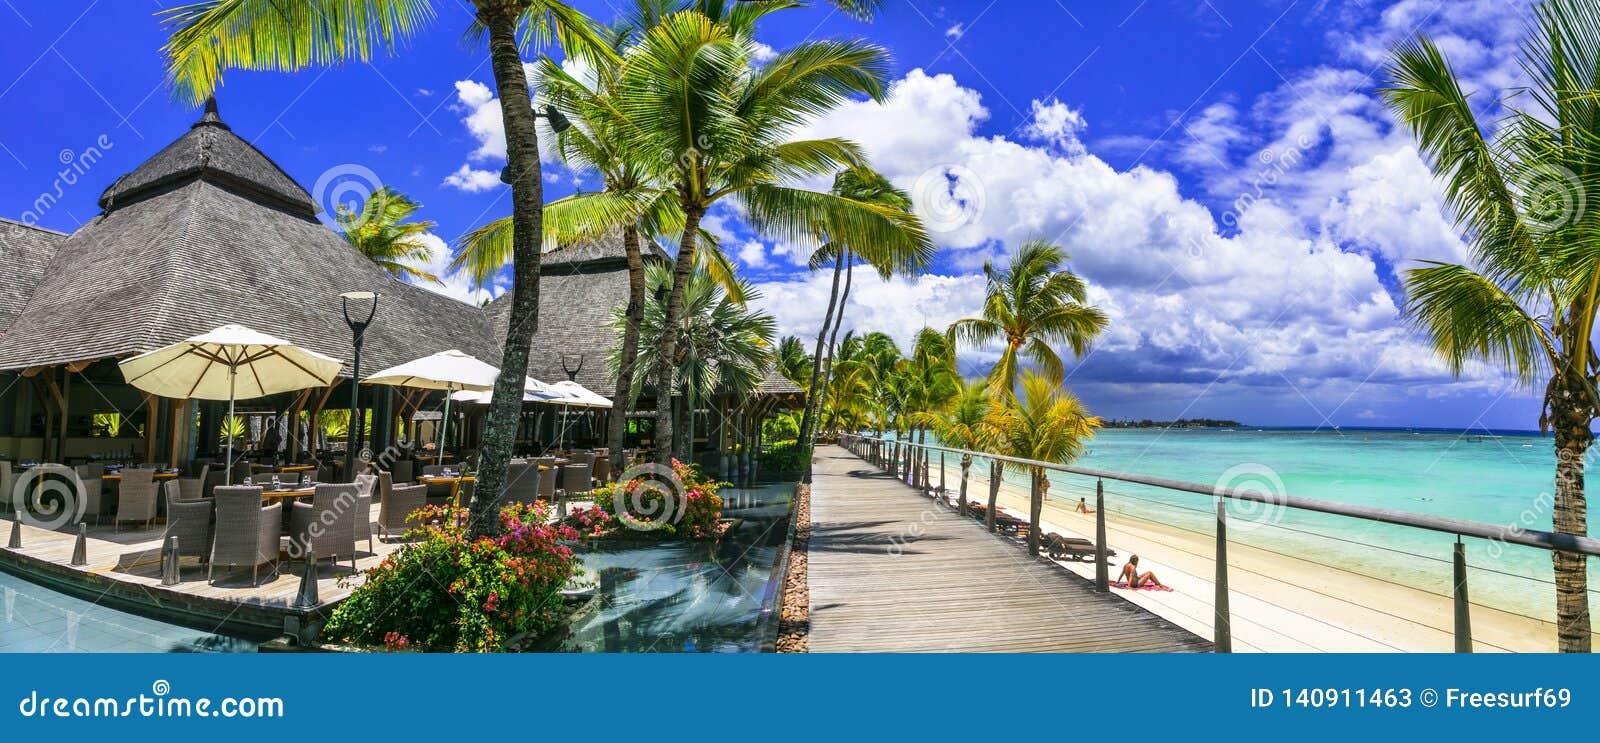 Barra de relajación en sombra de la palma y piscina bnear la playa Isla tropical de Mauricio del paraíso